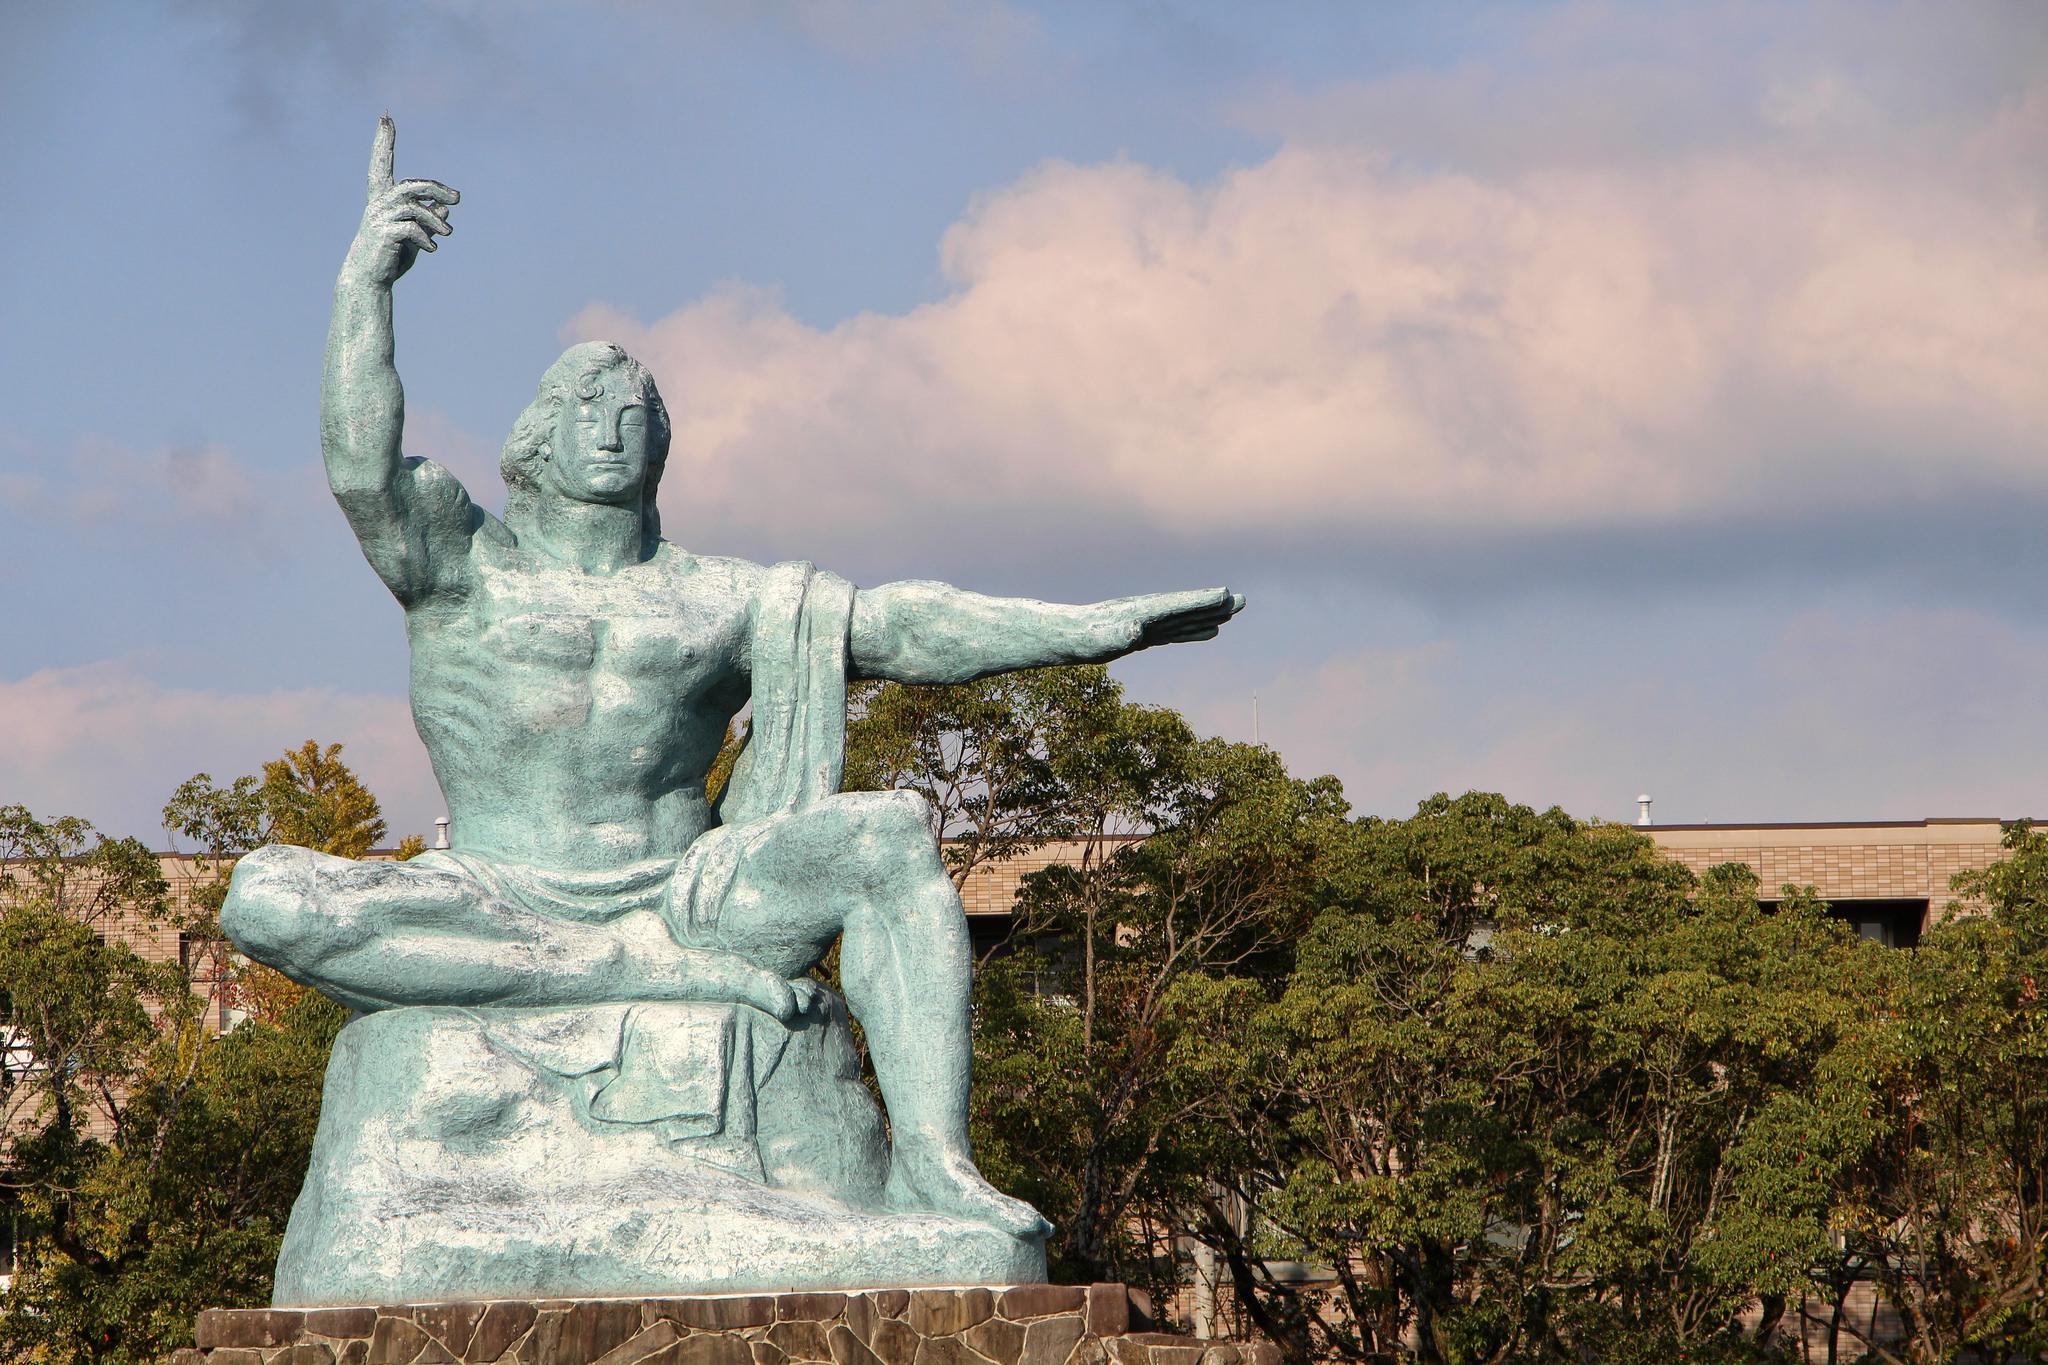 「長崎オランダ村」が現在は復活?「ハウステンボス」との違いや見どころを紹介!